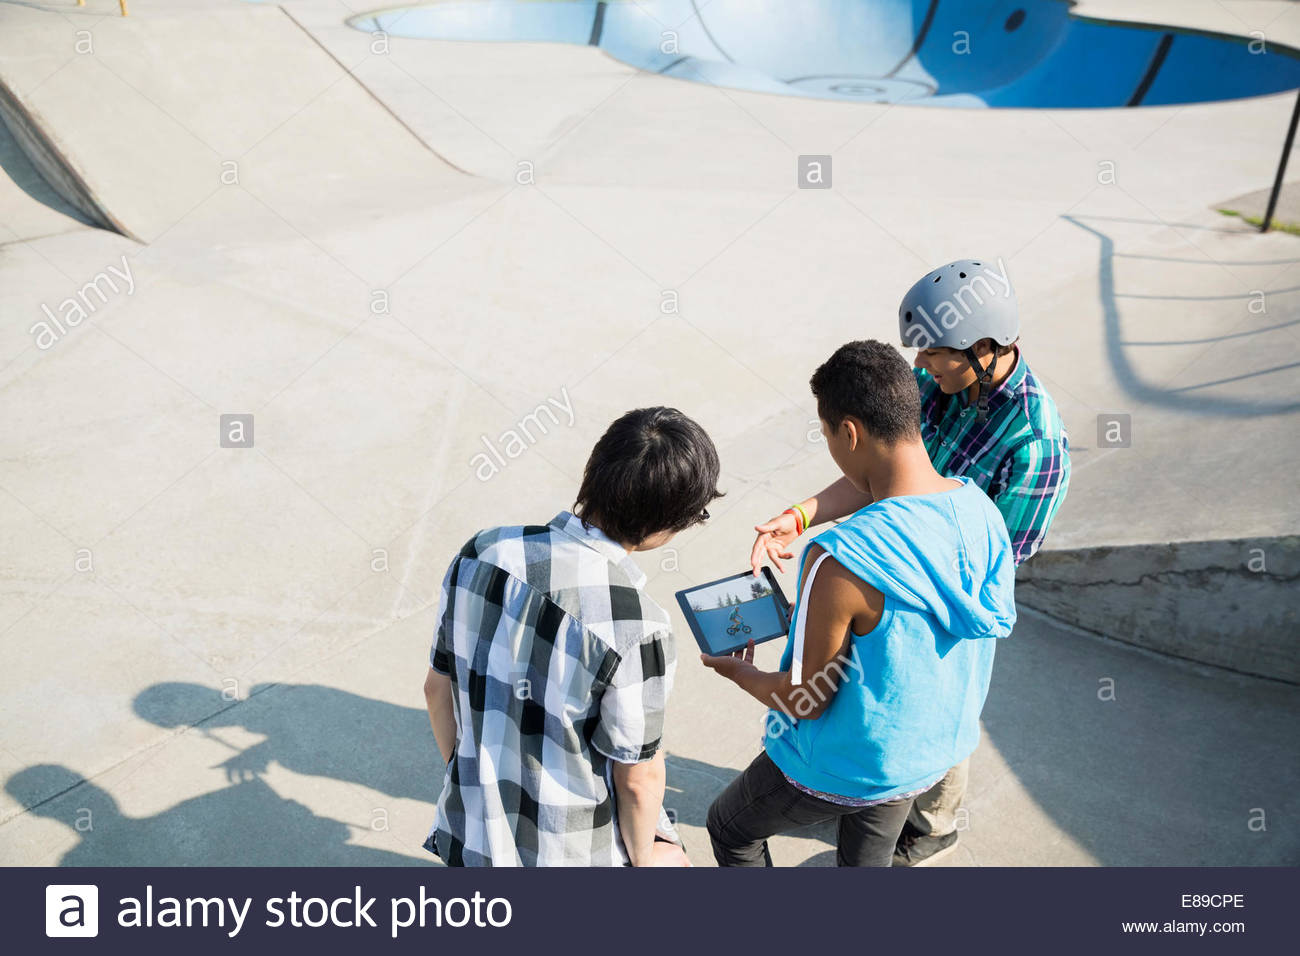 Los adolescentes varones con tableta digital en skate park Imagen De Stock